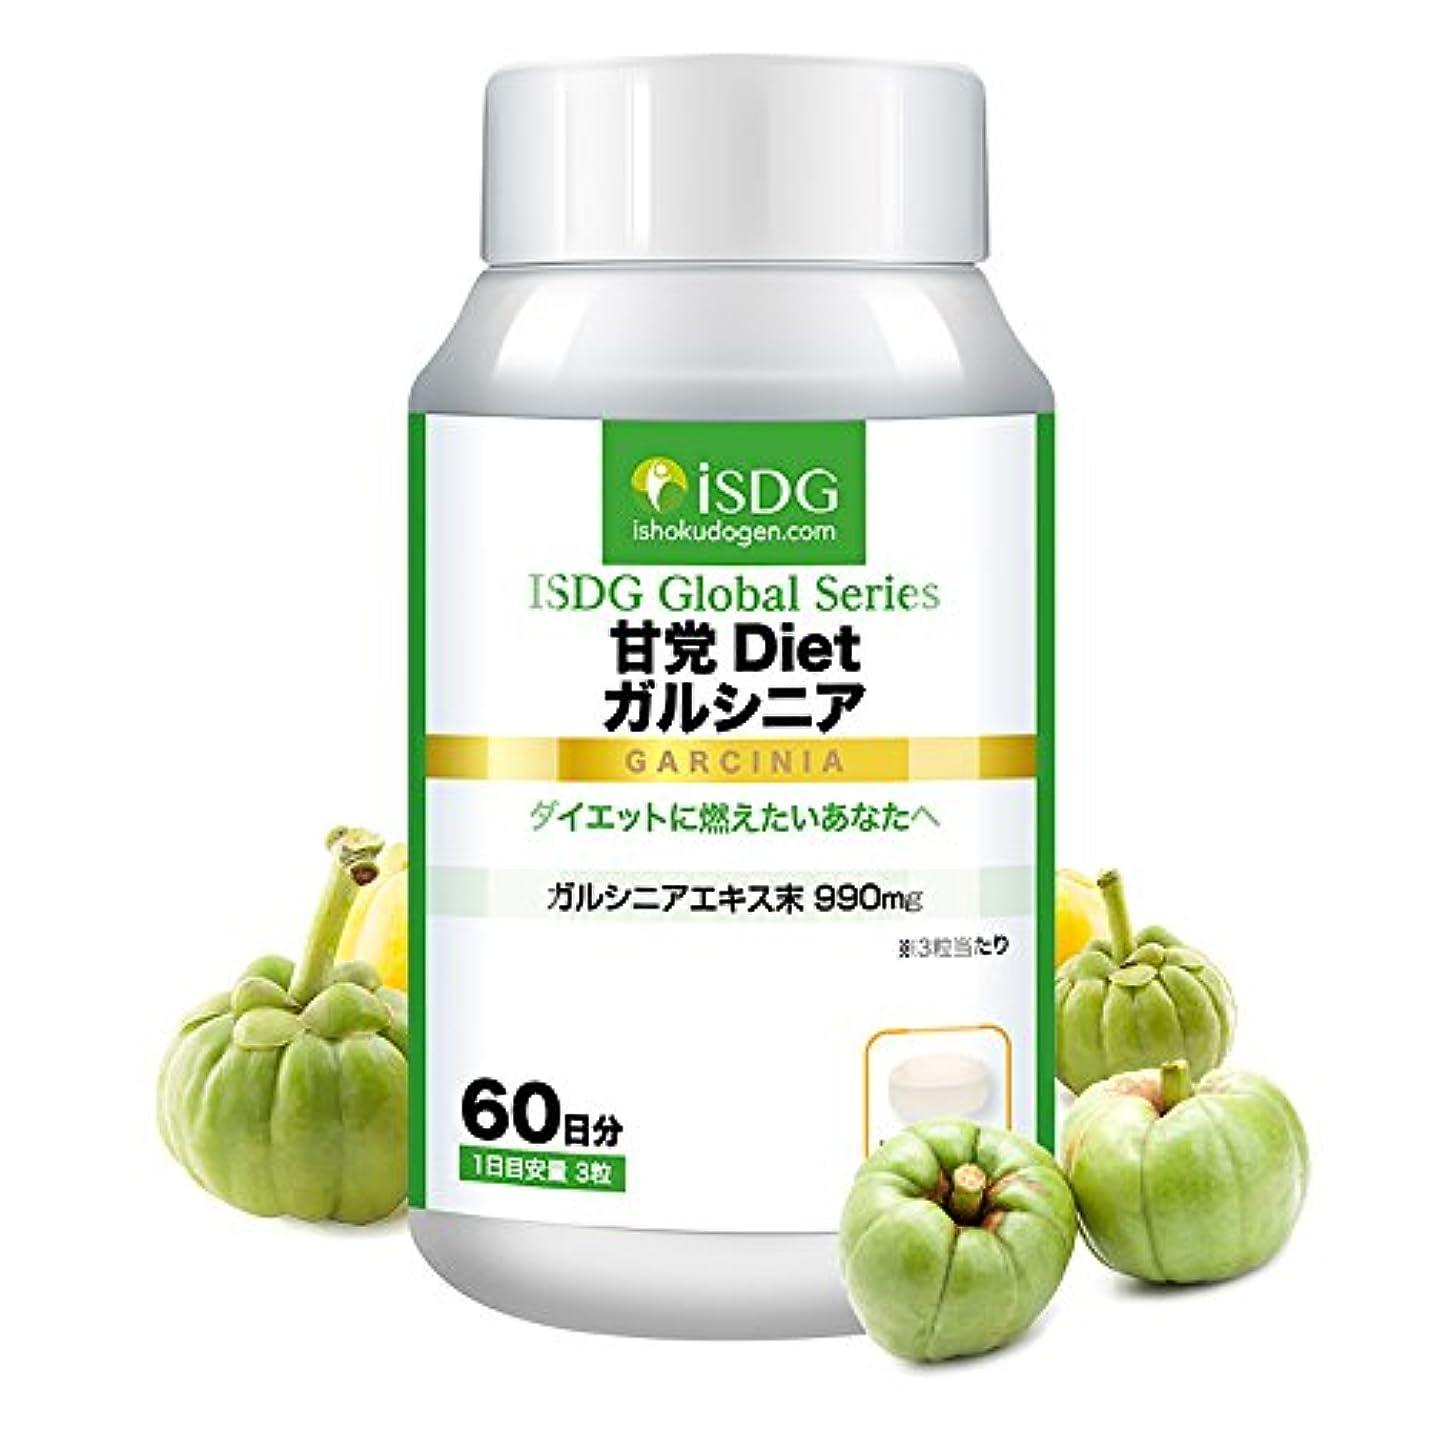 シリーズくつろぐ銀行ISDG 甘党Diet ガルシニア 180粒/ボトル